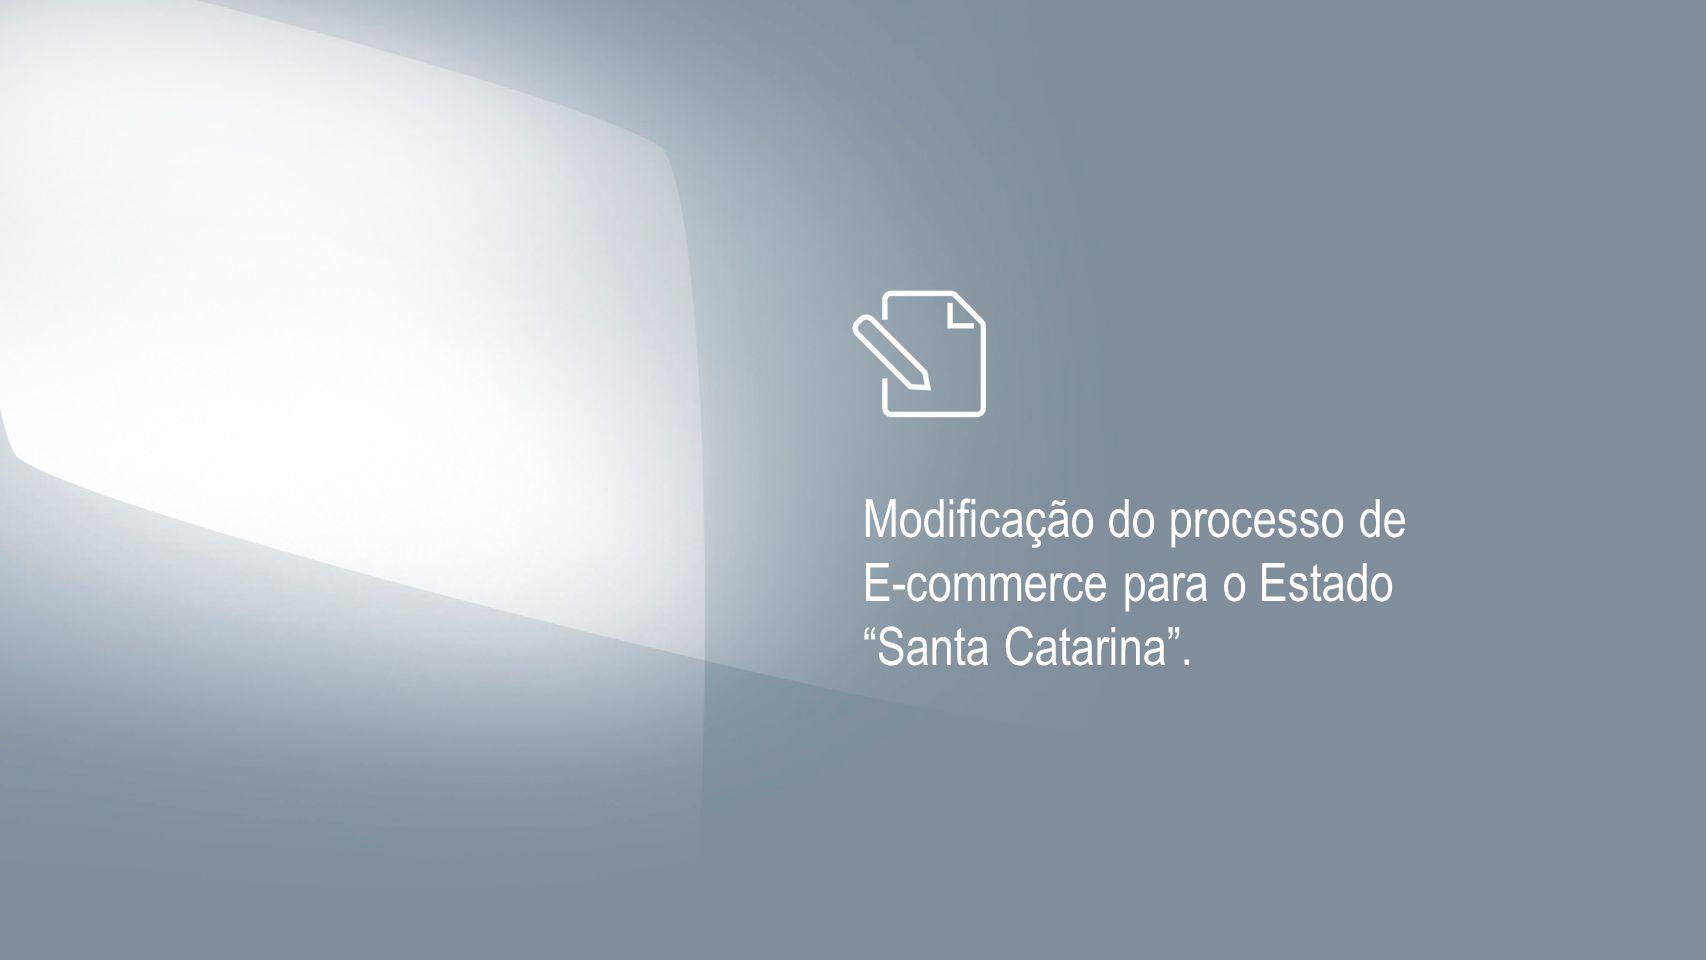 Modificação do processo de E-commerce para o Estado Santa Catarina.